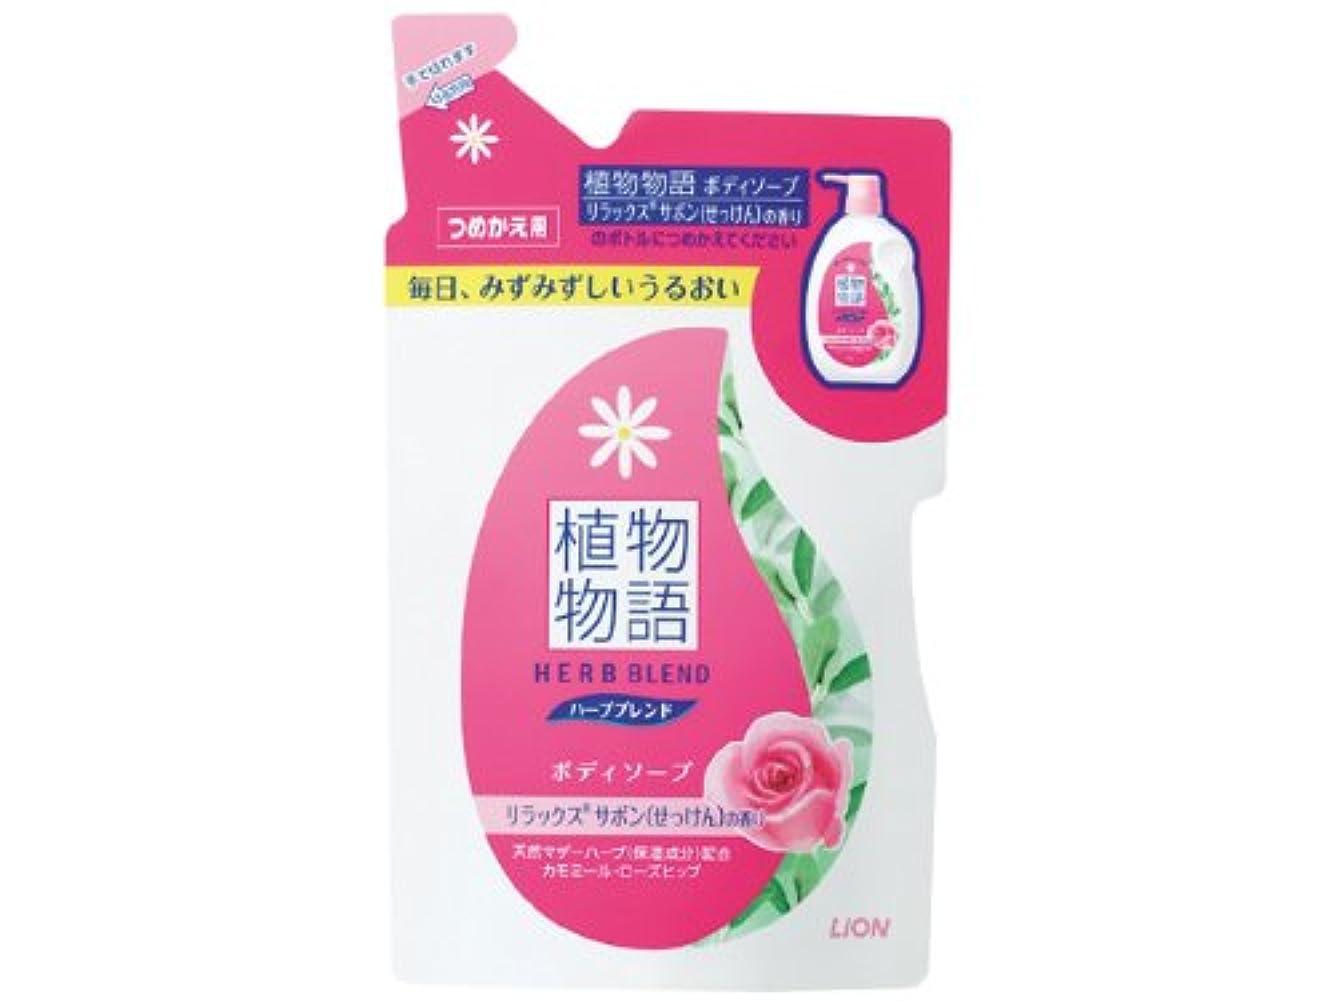 晩ごはん品ホイール植物物語 ハーブブレンド ボディソープ リラックスサボン(せっけん)の香り つめかえ用 420mL